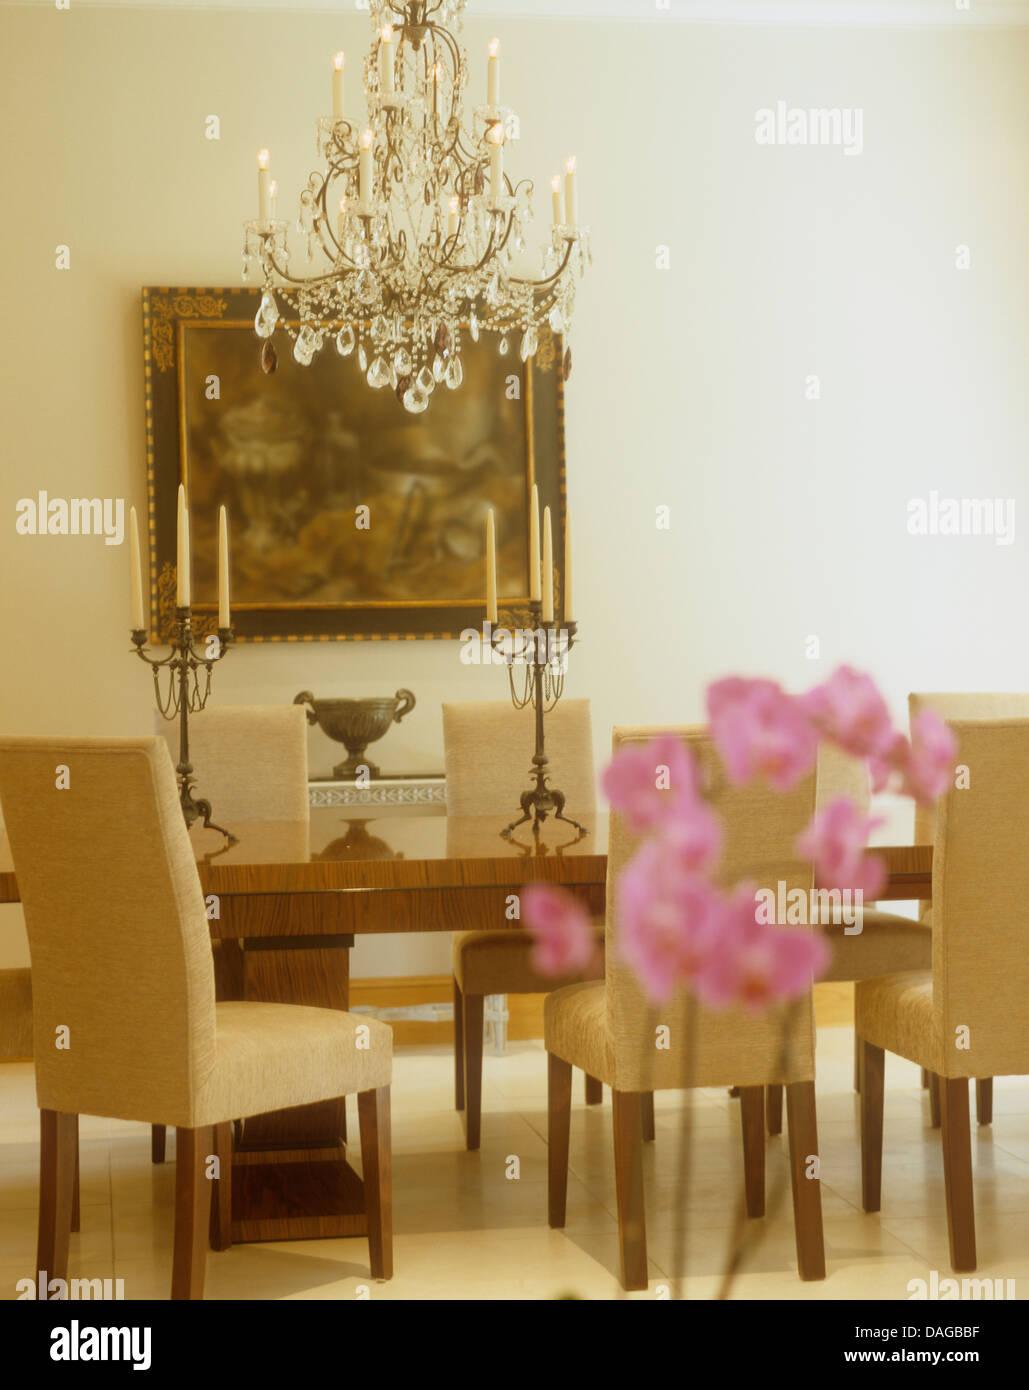 Reich Verzierte Glas Kronleuchter über Tisch Mit Beige Gepolsterte Stühle  Im Modernen Speisesaal Mit Großen Öl Gemälde An Der Wand